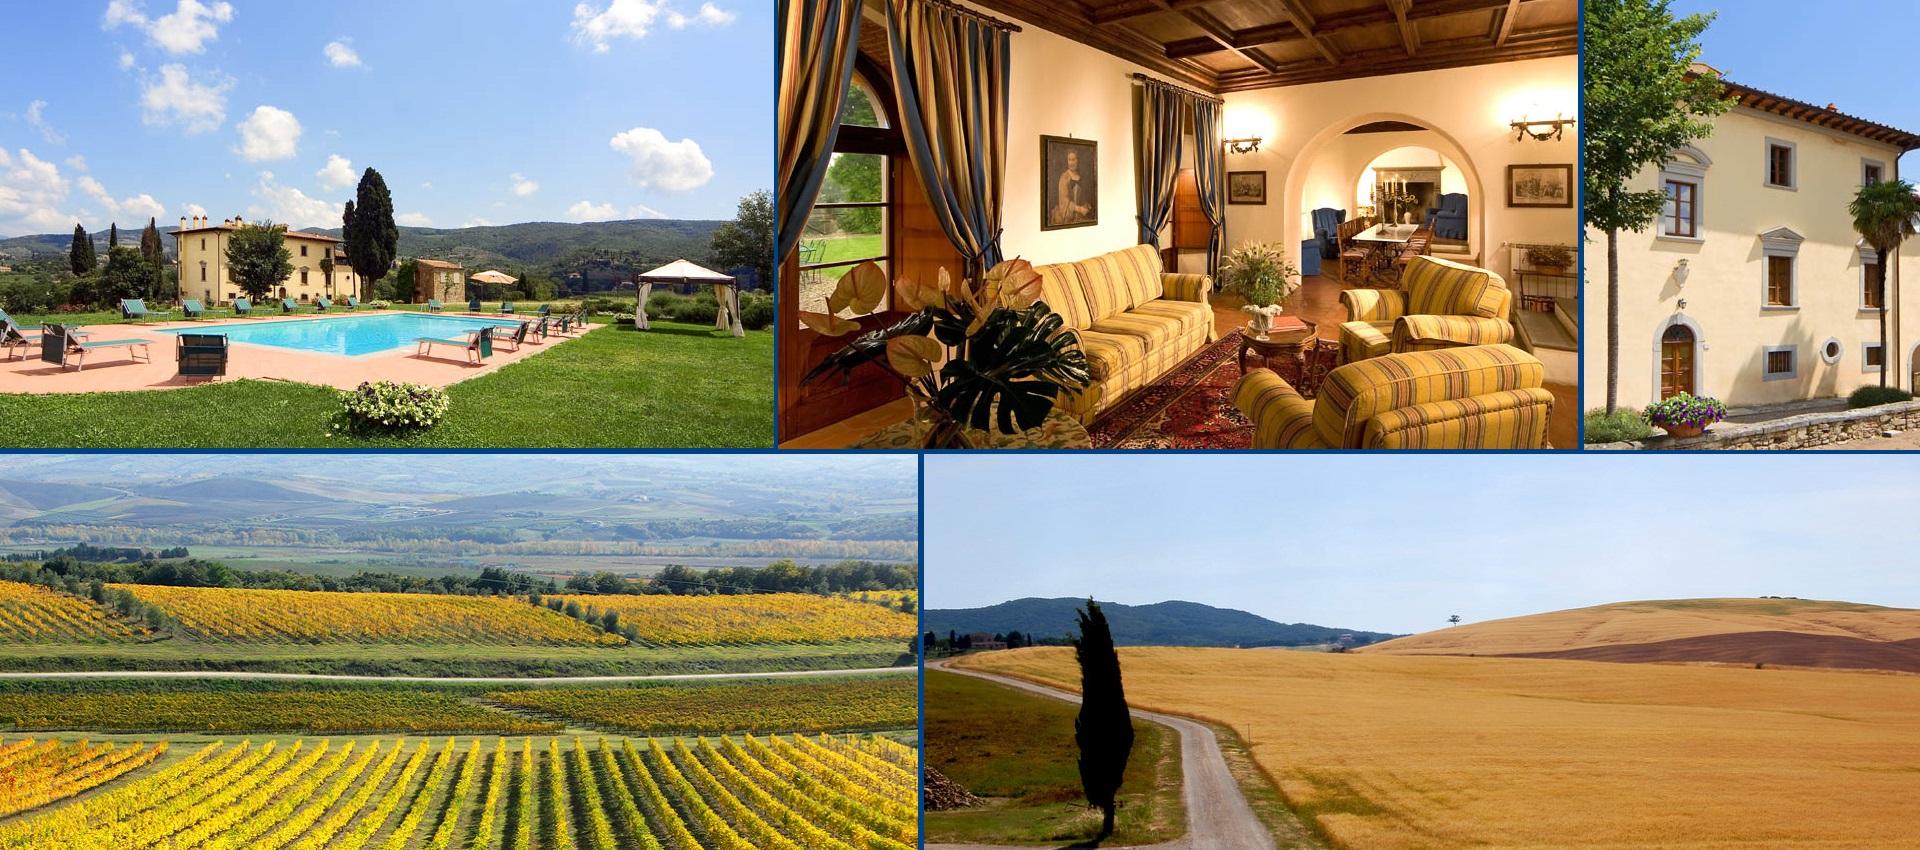 Click here to discover Villa Baldovina in Chianti